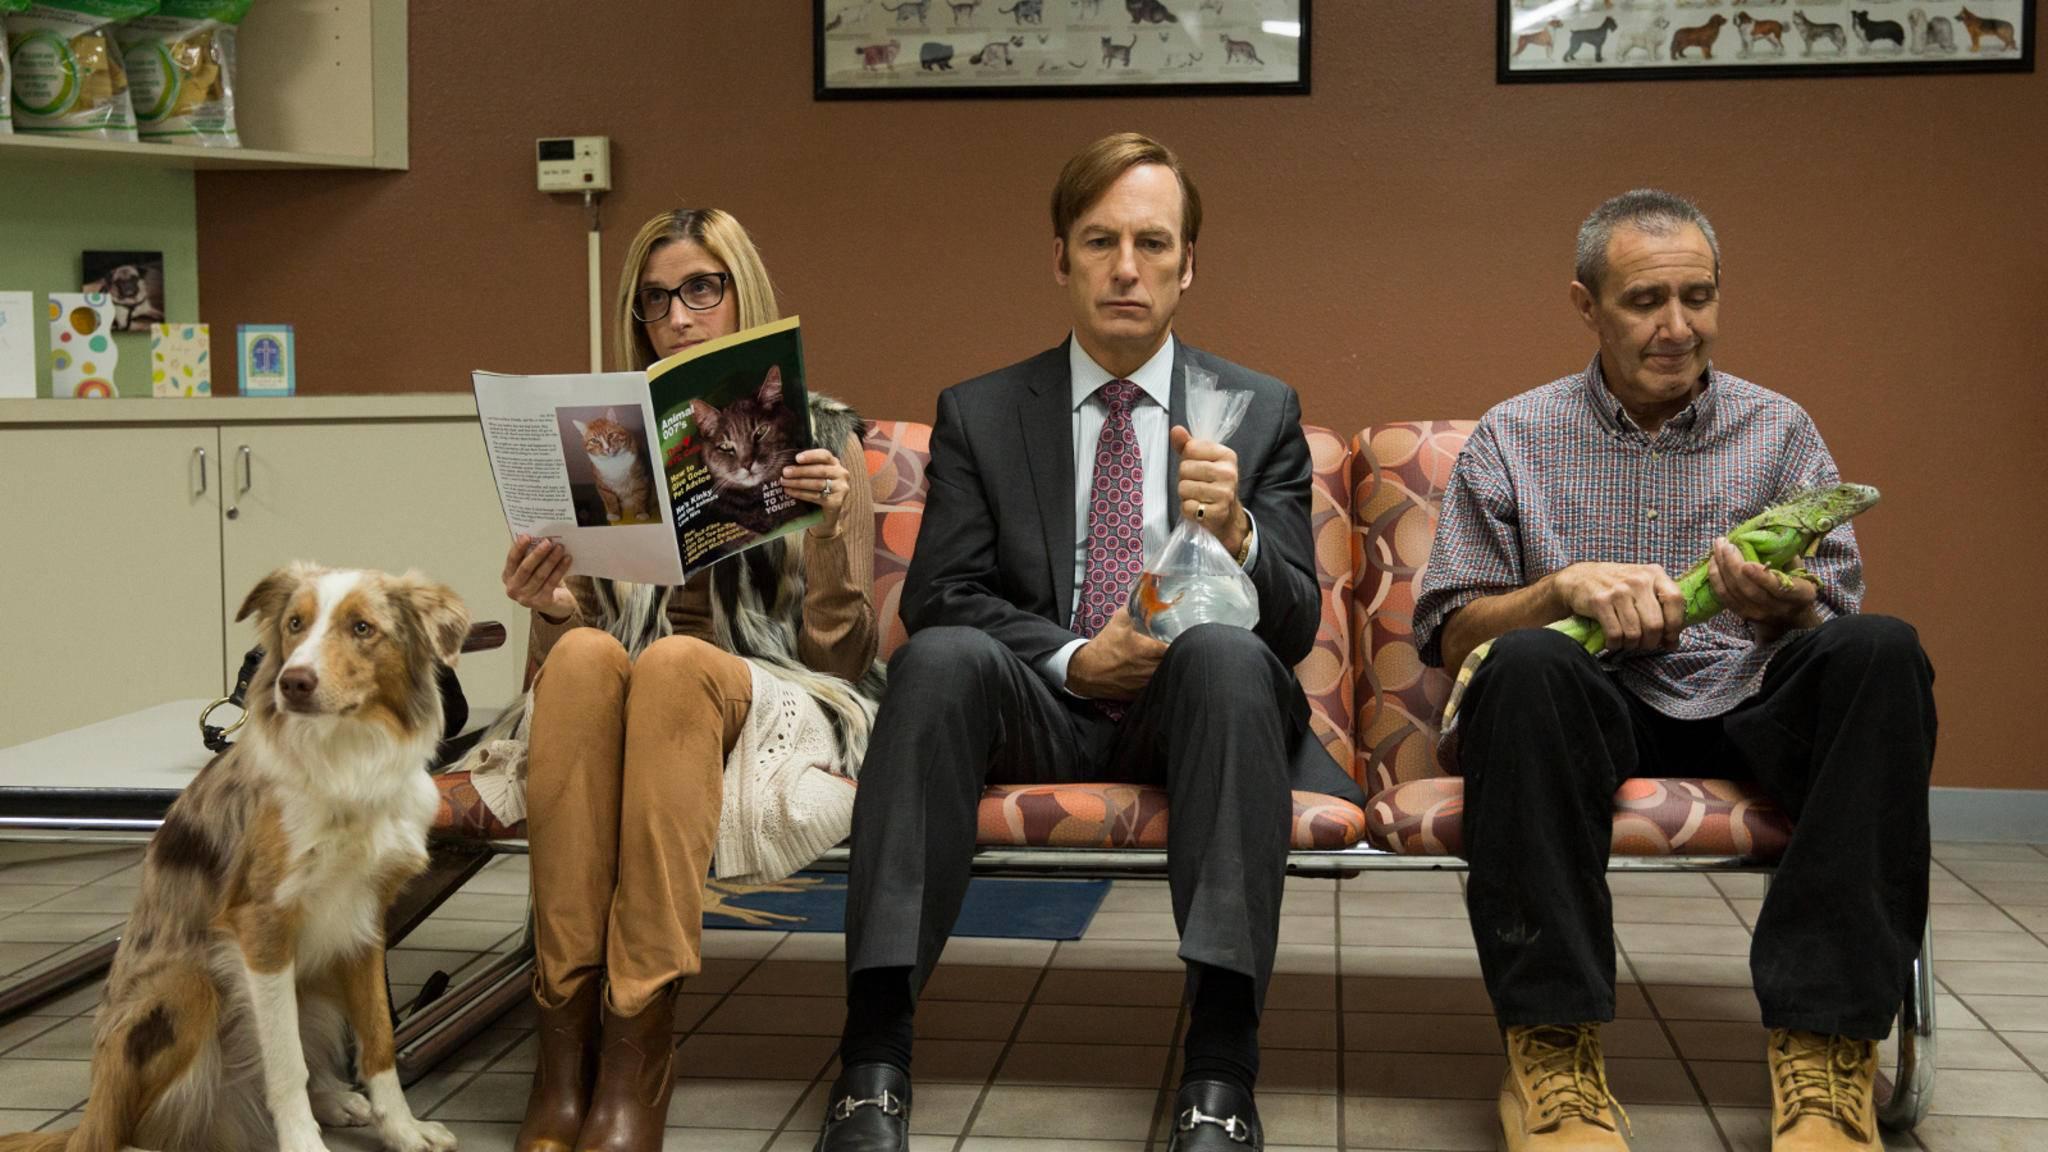 """Staffel 3 von """"Better Call Saul"""" ist vorbei – nun beginnt das Warten auf Staffel 4!"""